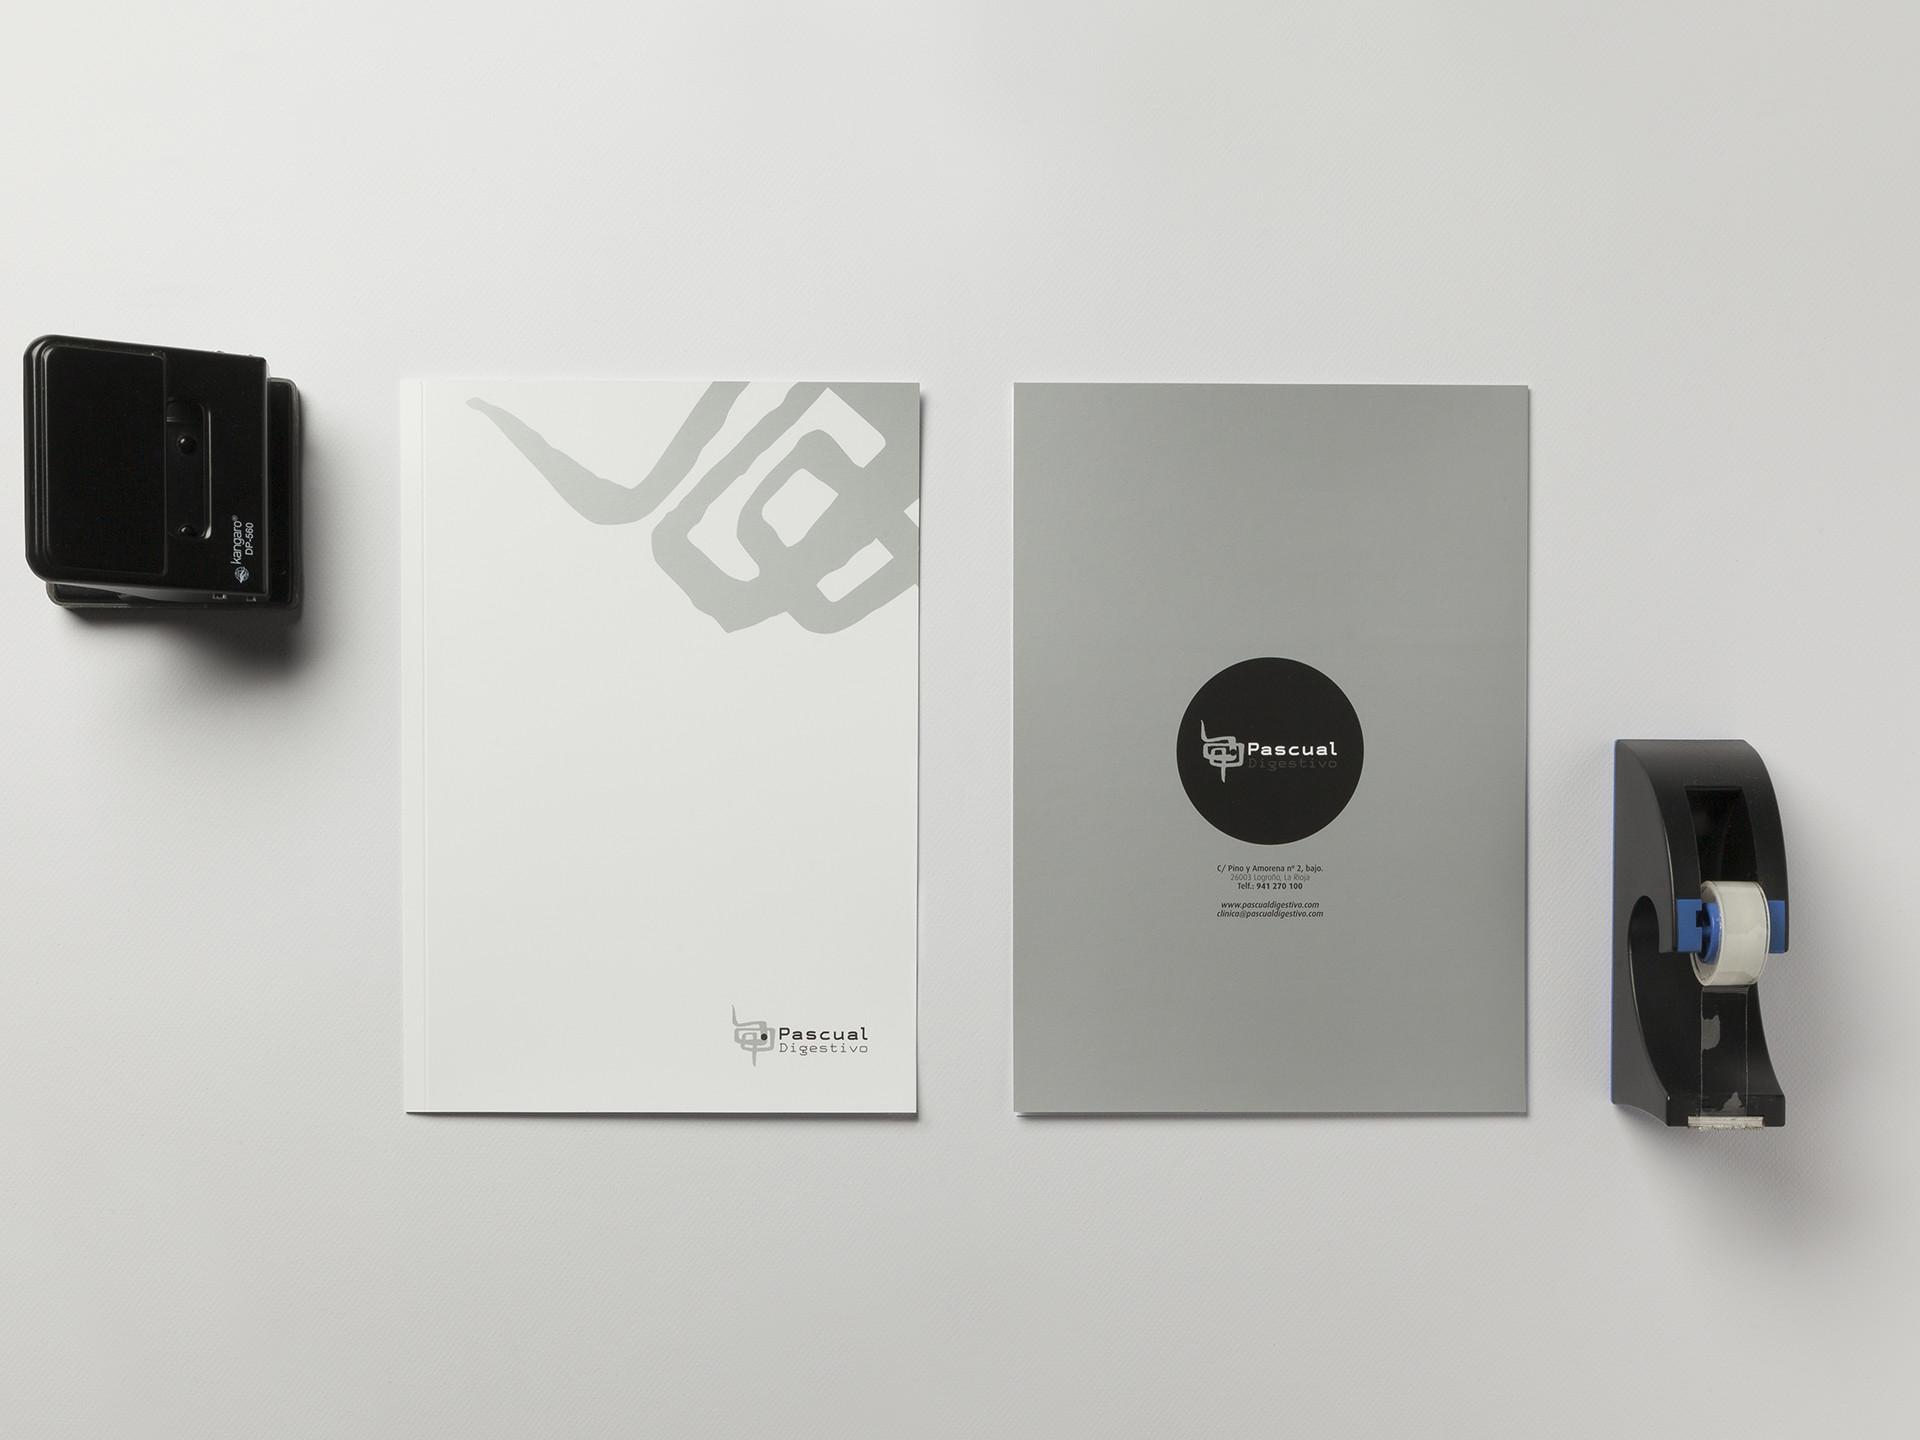 diseño imagen corporativa consulta privada